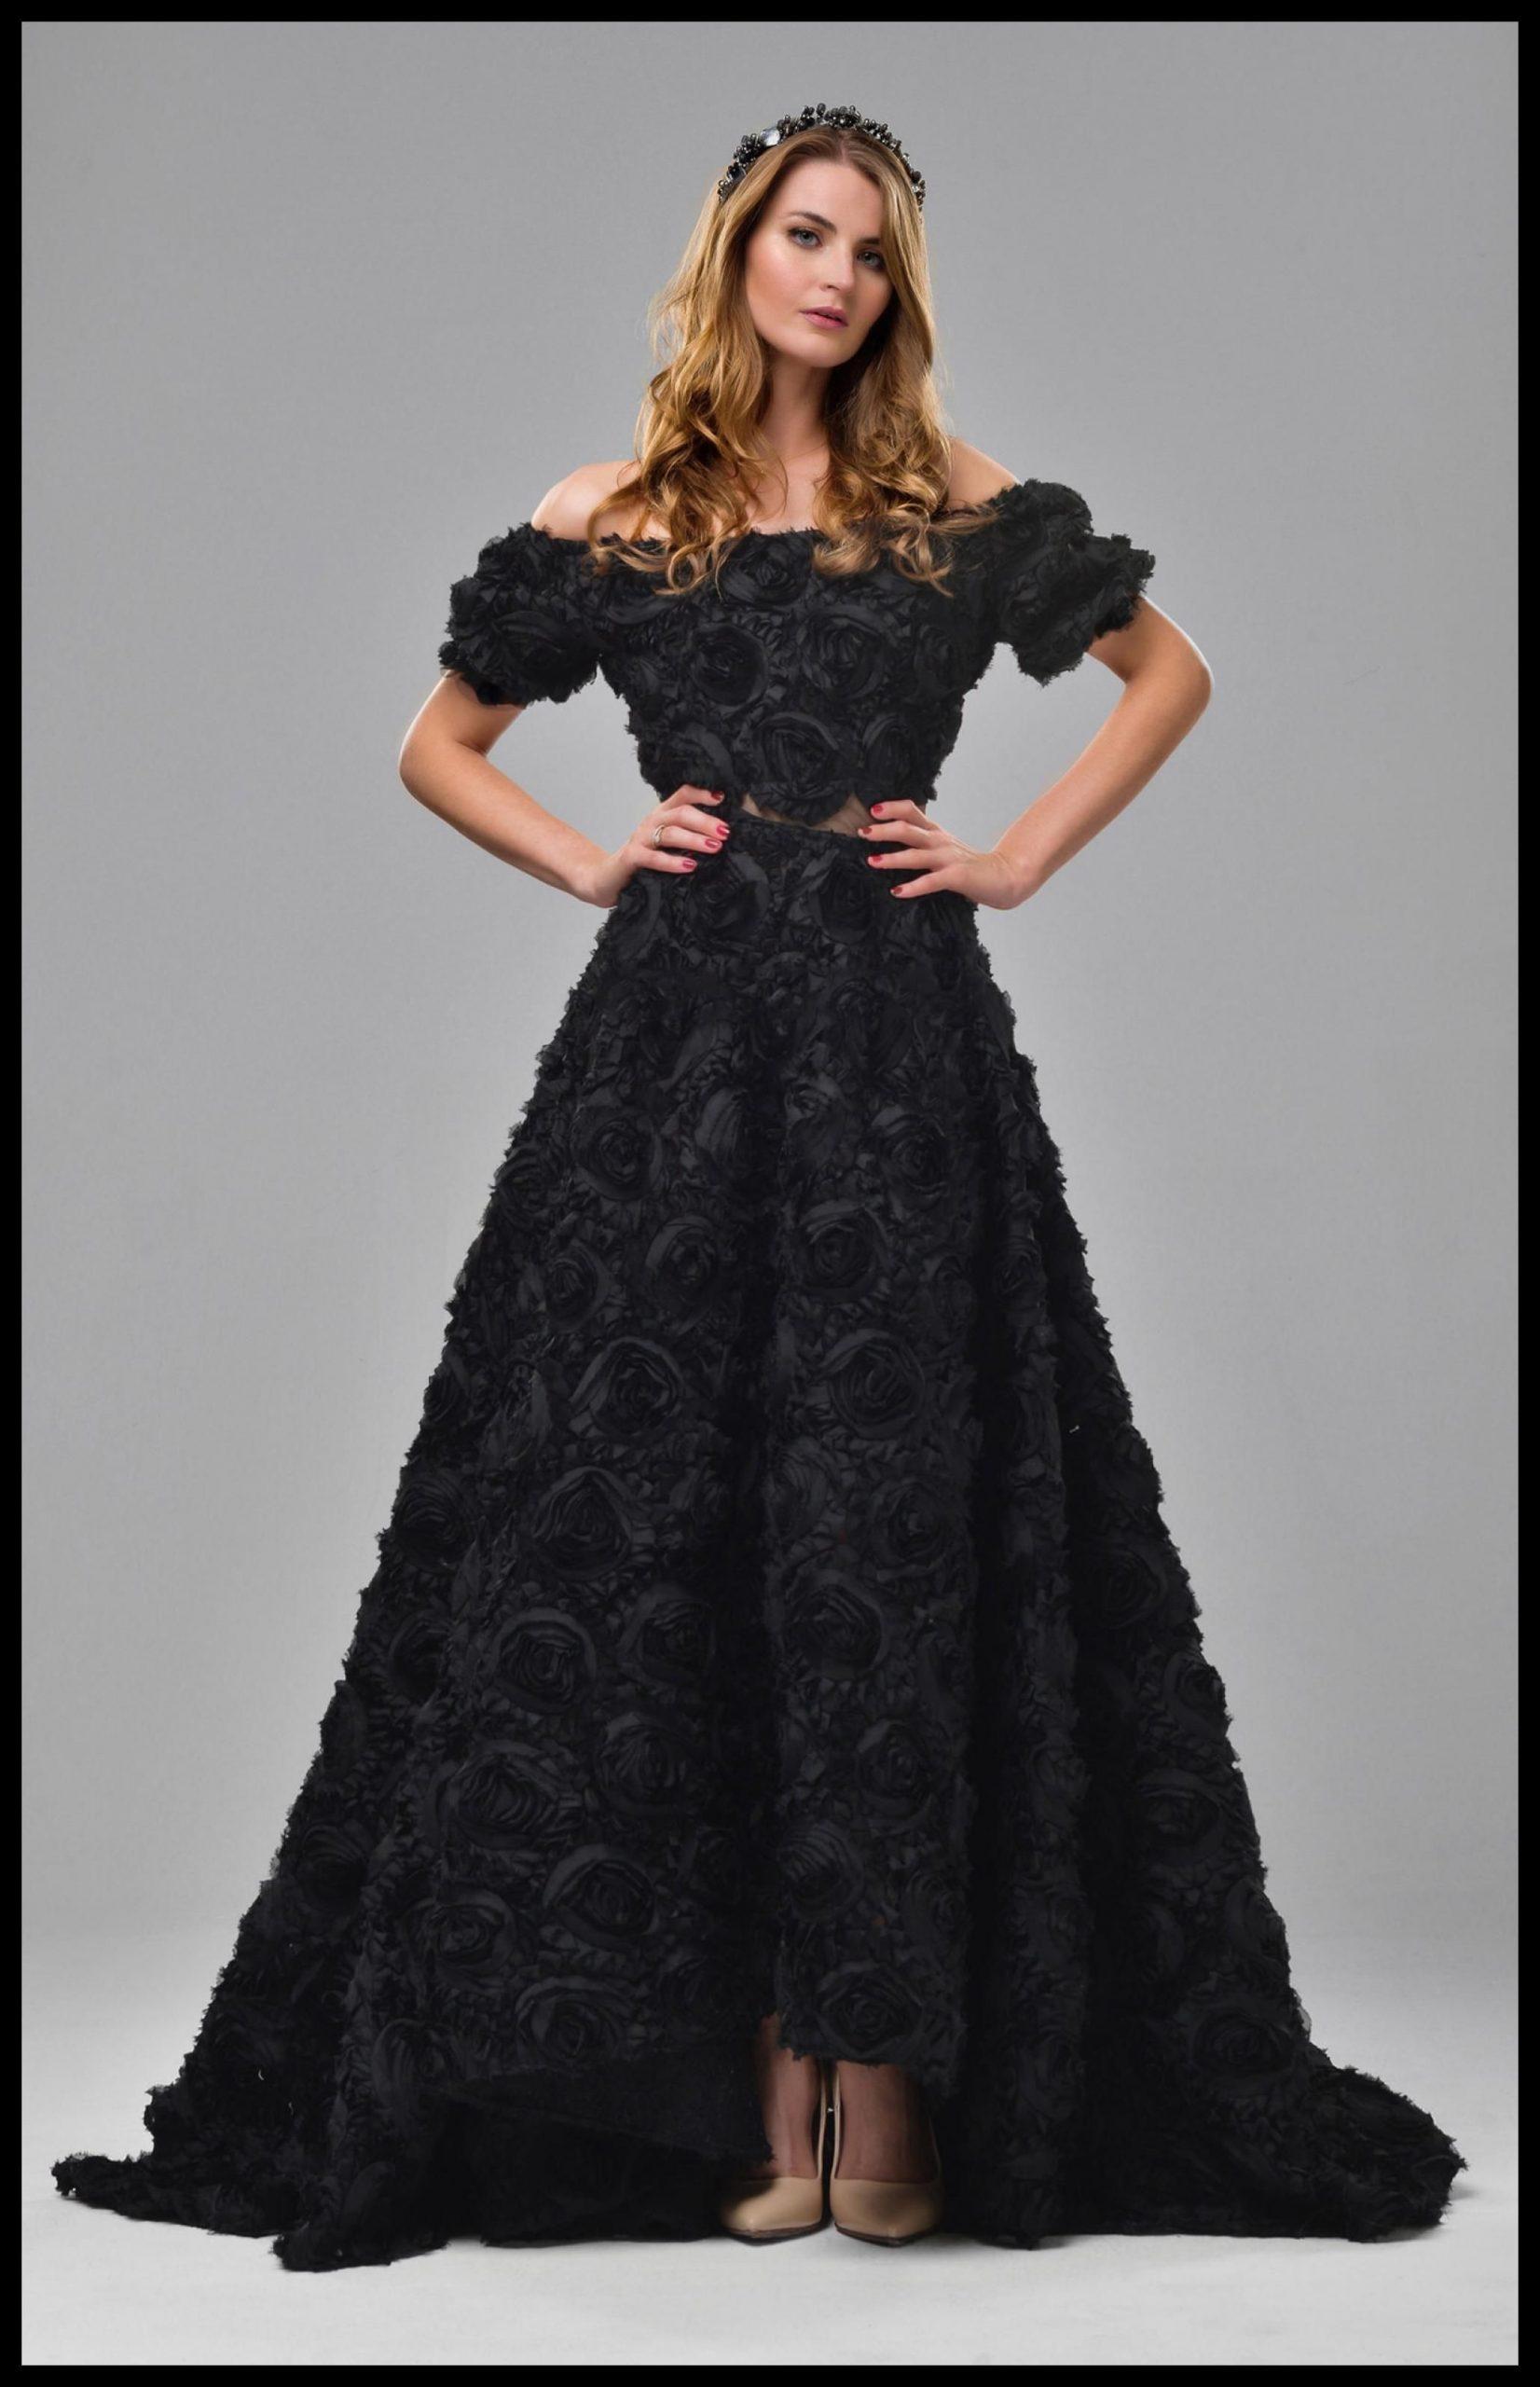 17 Einfach Abendkleider Designer Stylish13 Ausgezeichnet Abendkleider Designer Bester Preis